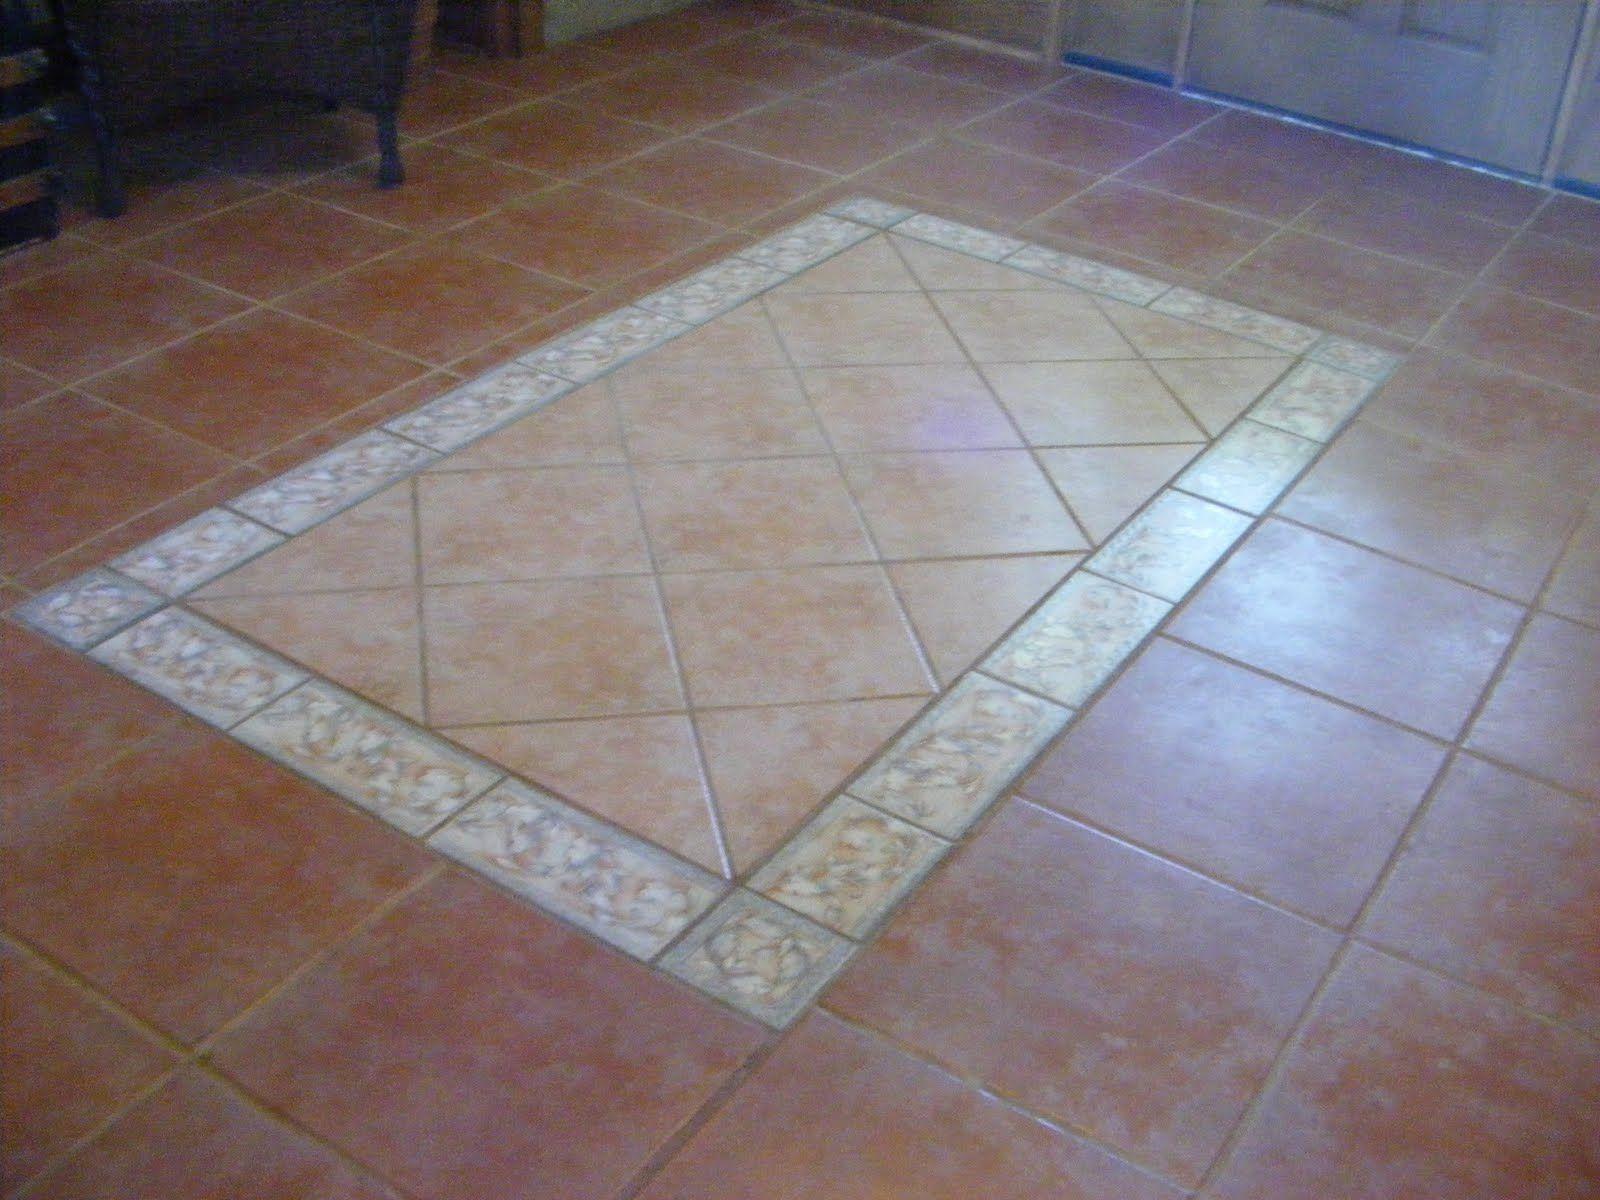 Decoration. Floor Tile Design Patterns Of New Inspiration